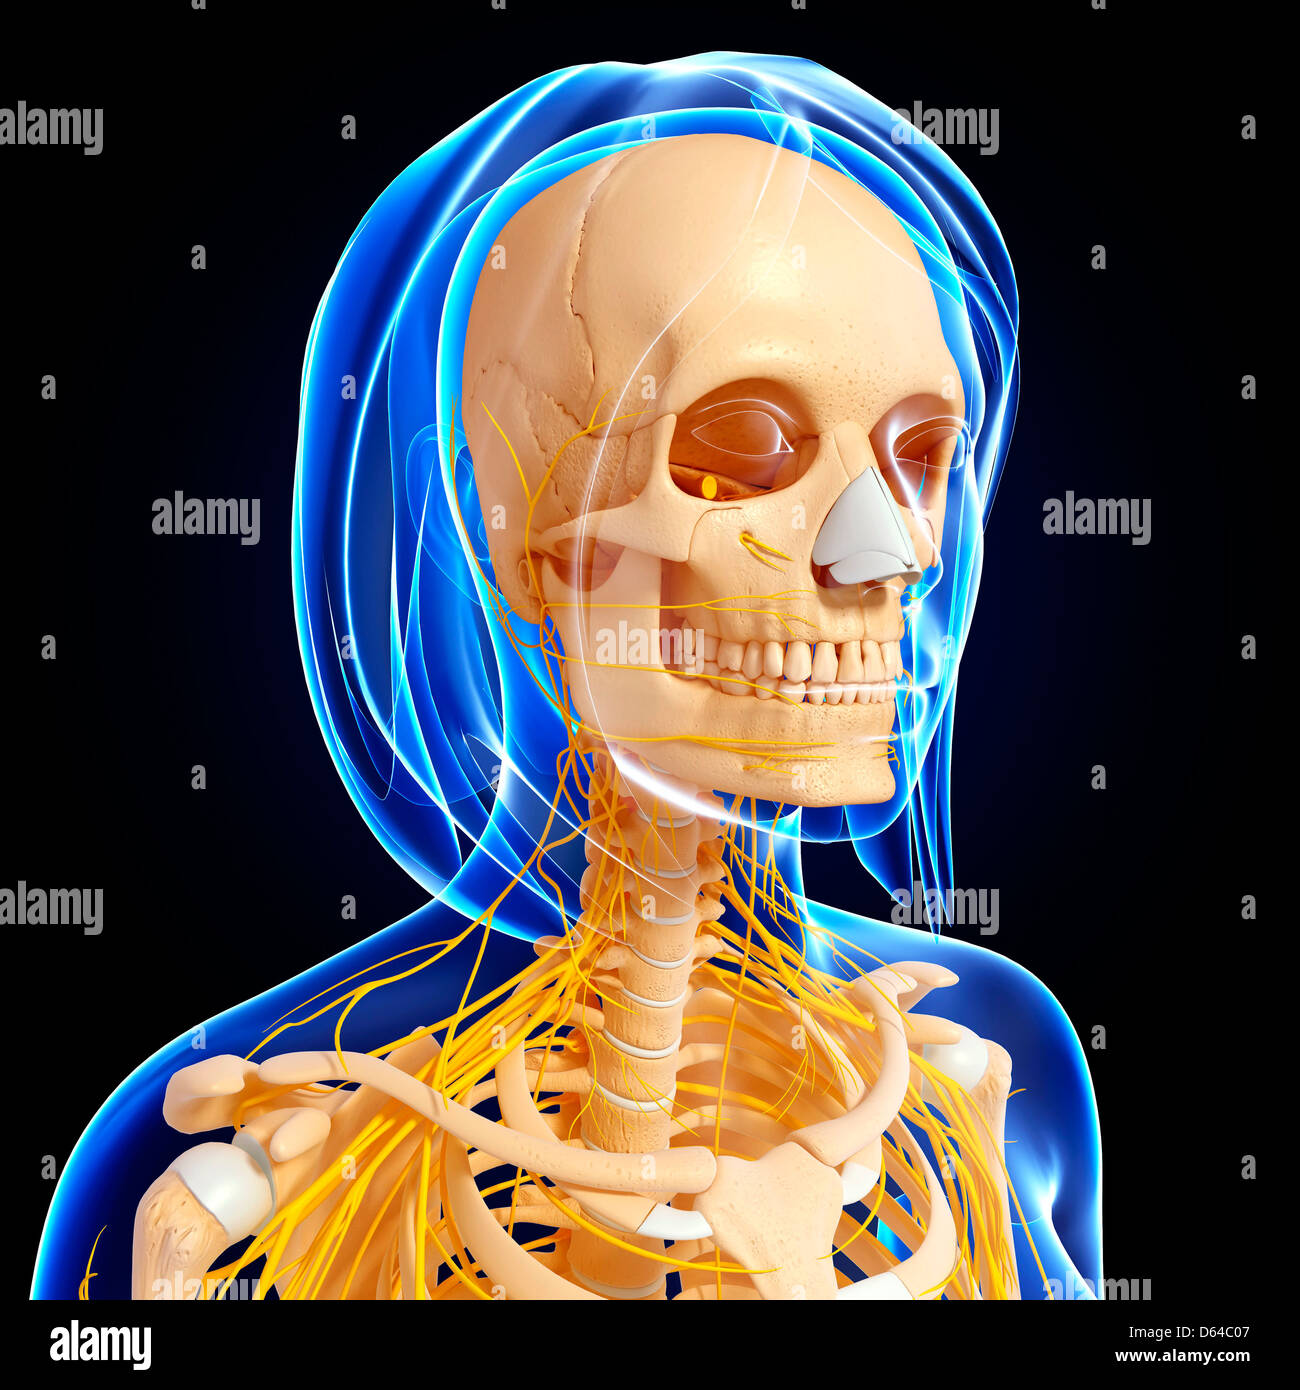 Erfreut Bild Vom Humerusknochen Bilder - Menschliche Anatomie Bilder ...